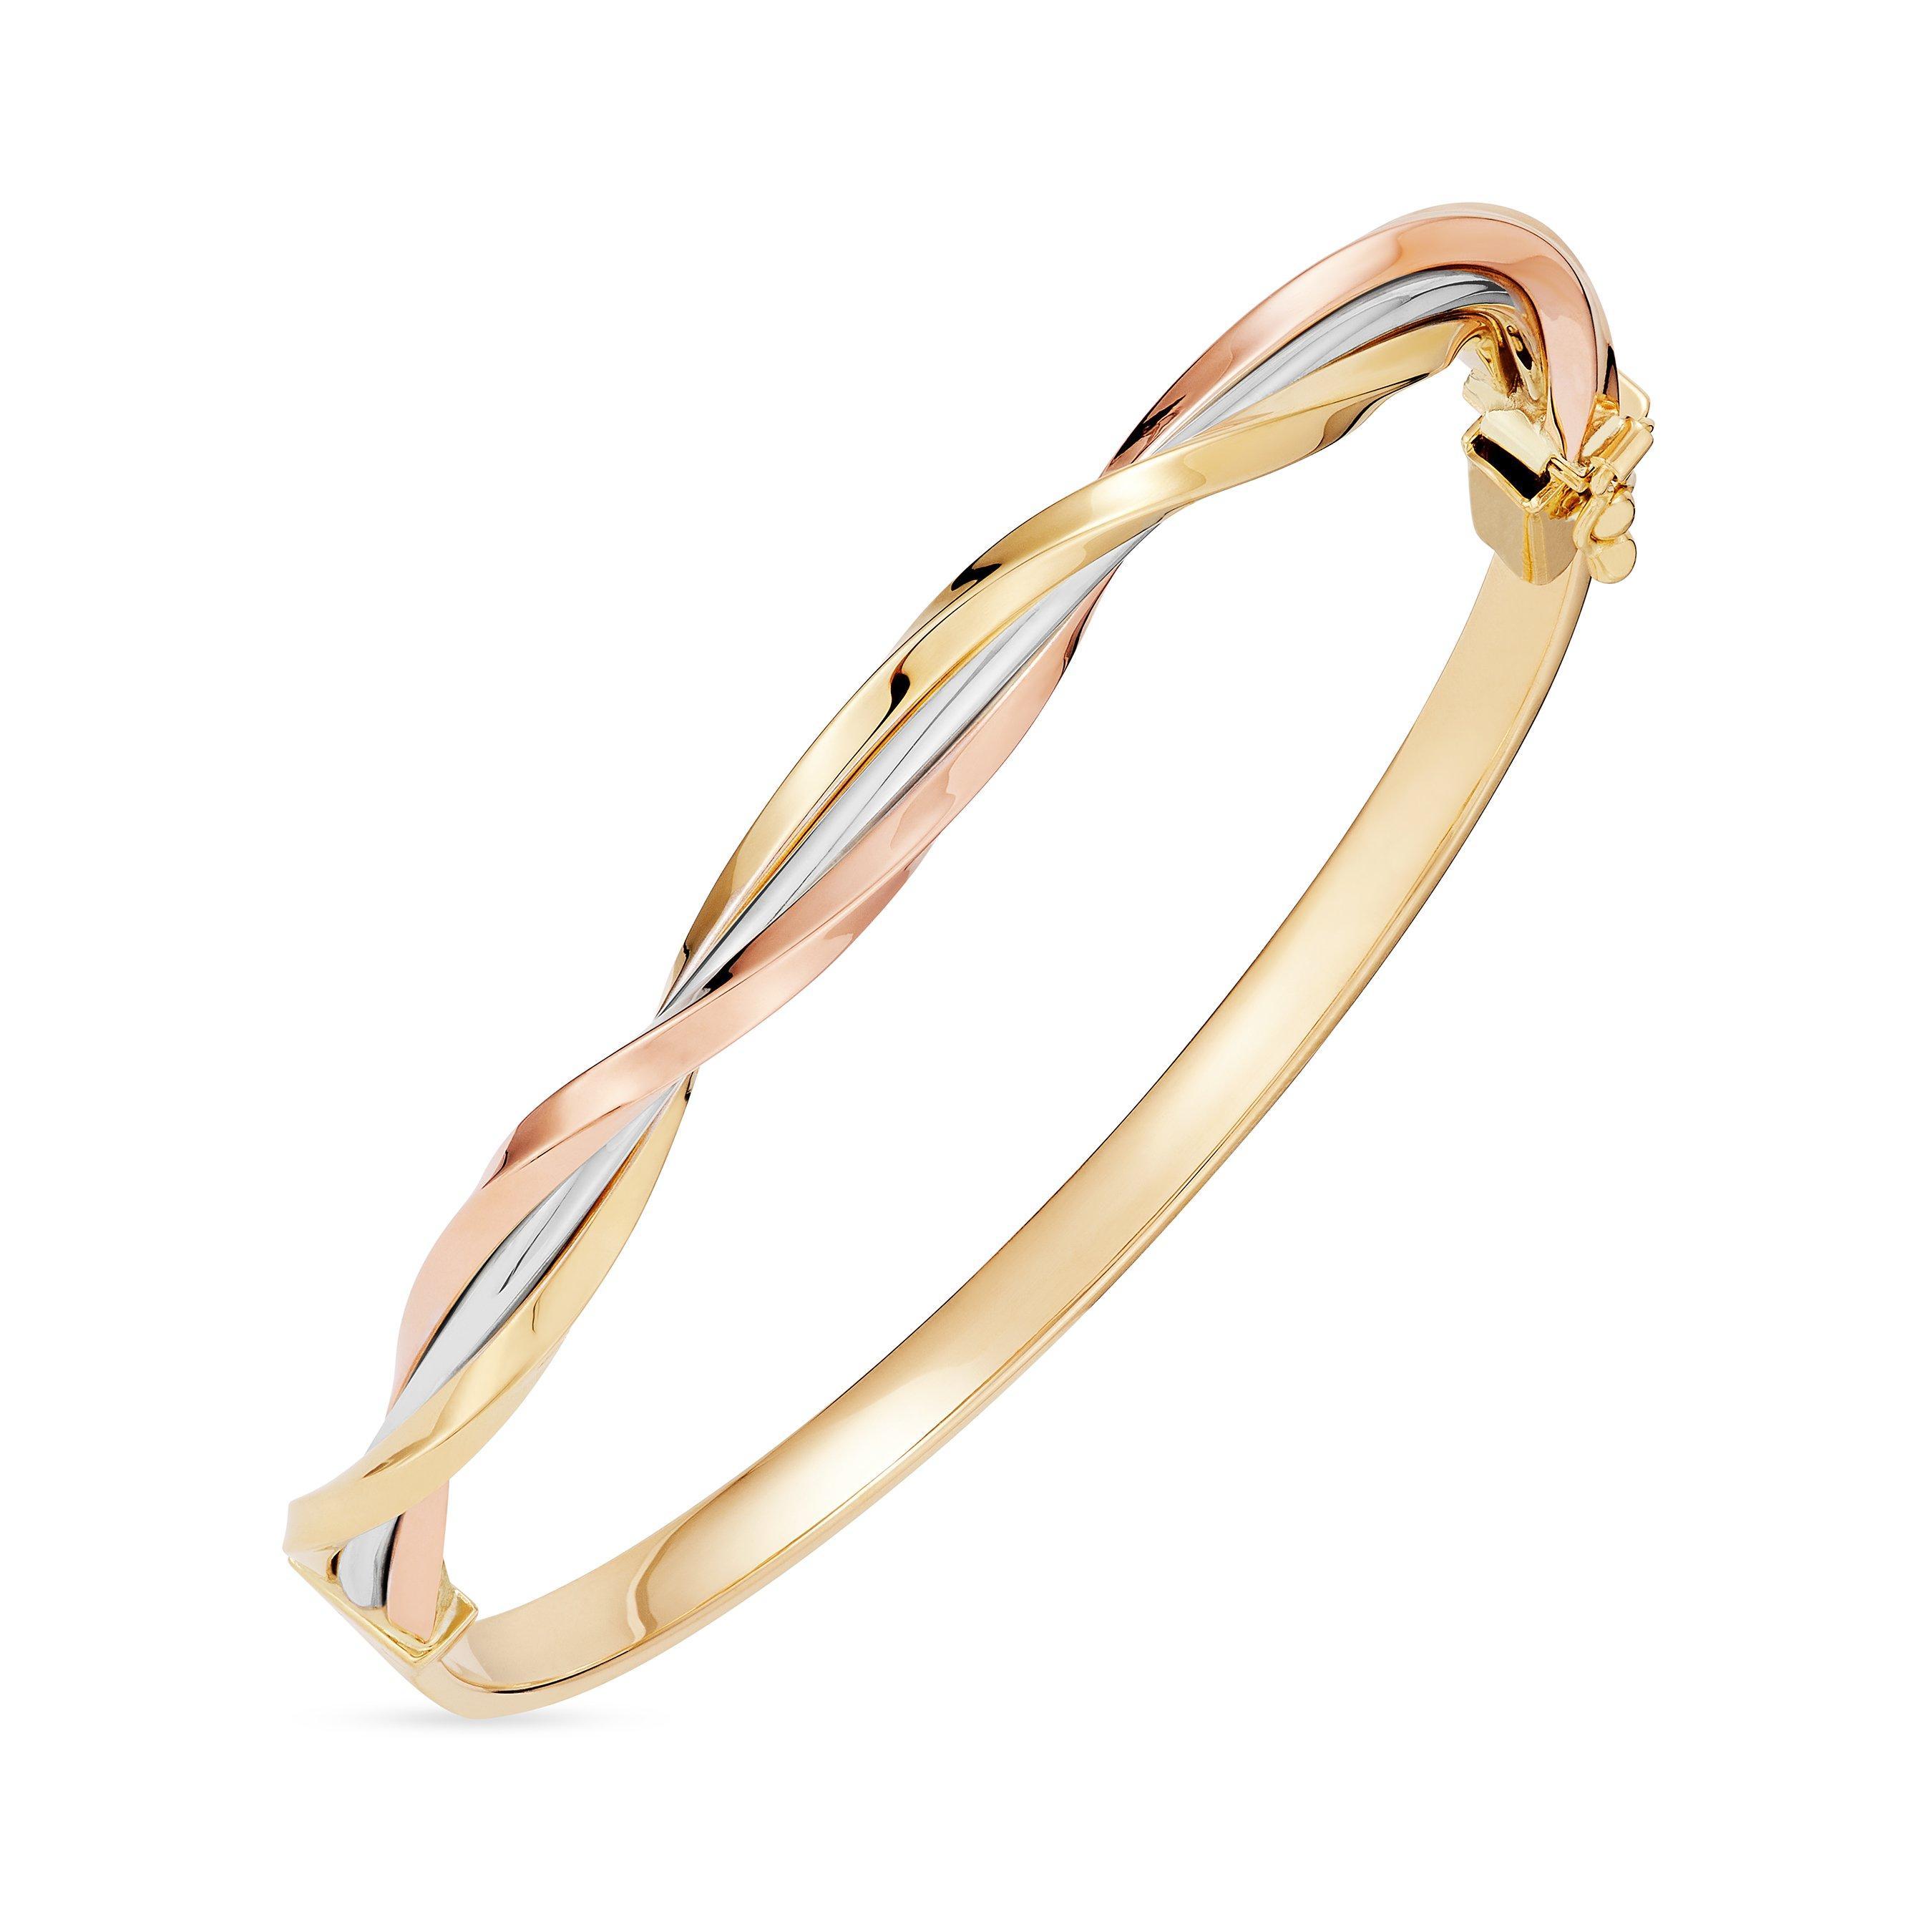 9ct Tri-Colour Gold Twist Bangle